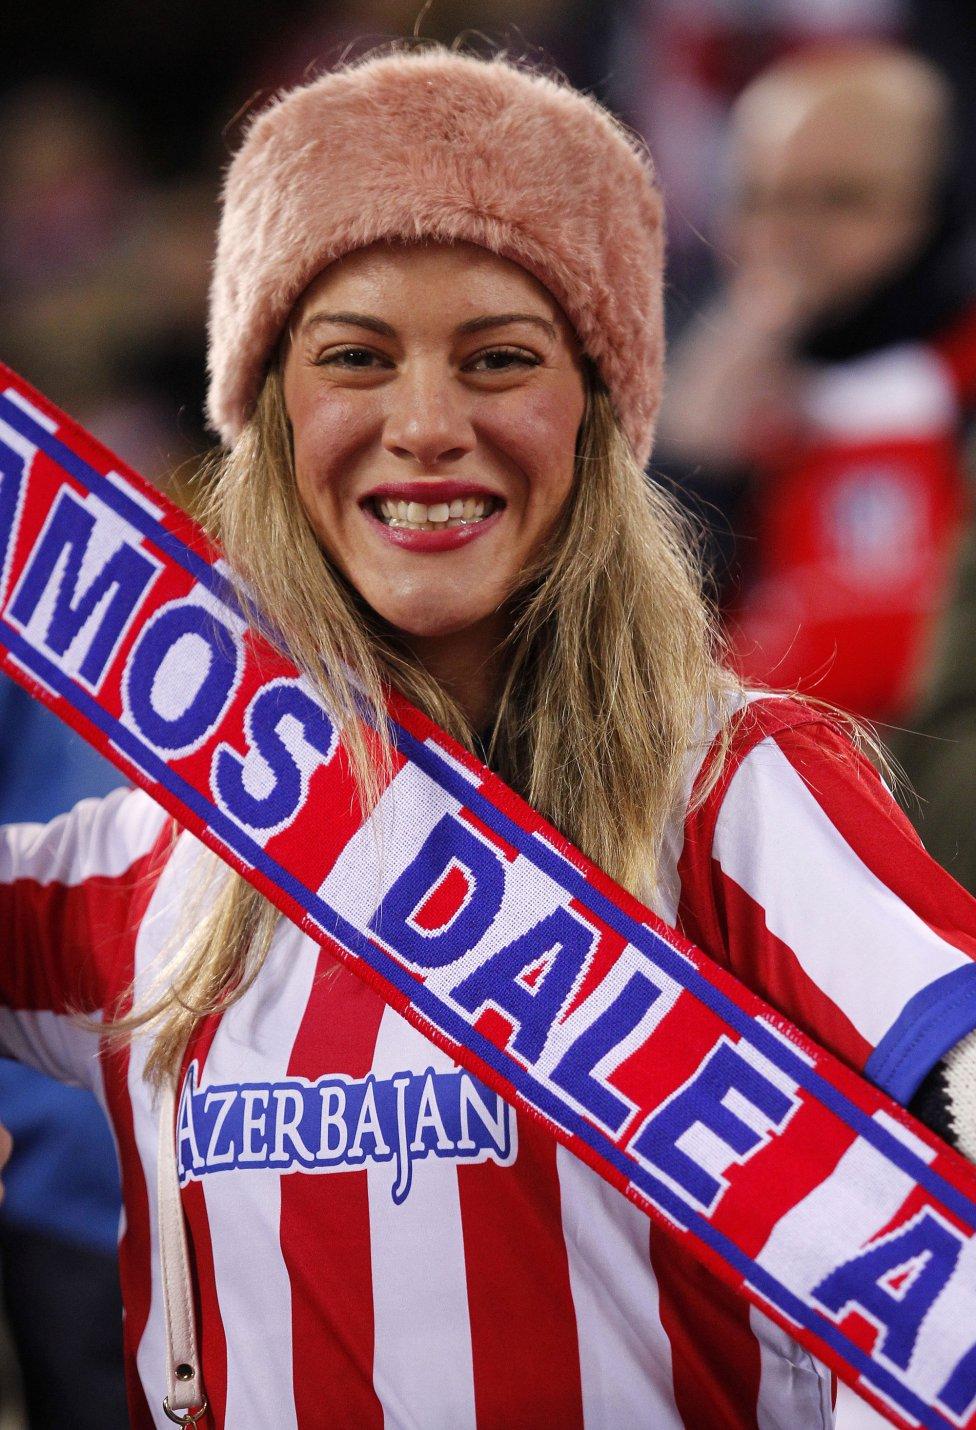 صور : مباراة أتليتيكو مدريد - برشلونة 2-3 ( 28-01-2015 )  1422473923_118684_1422476299_album_grande